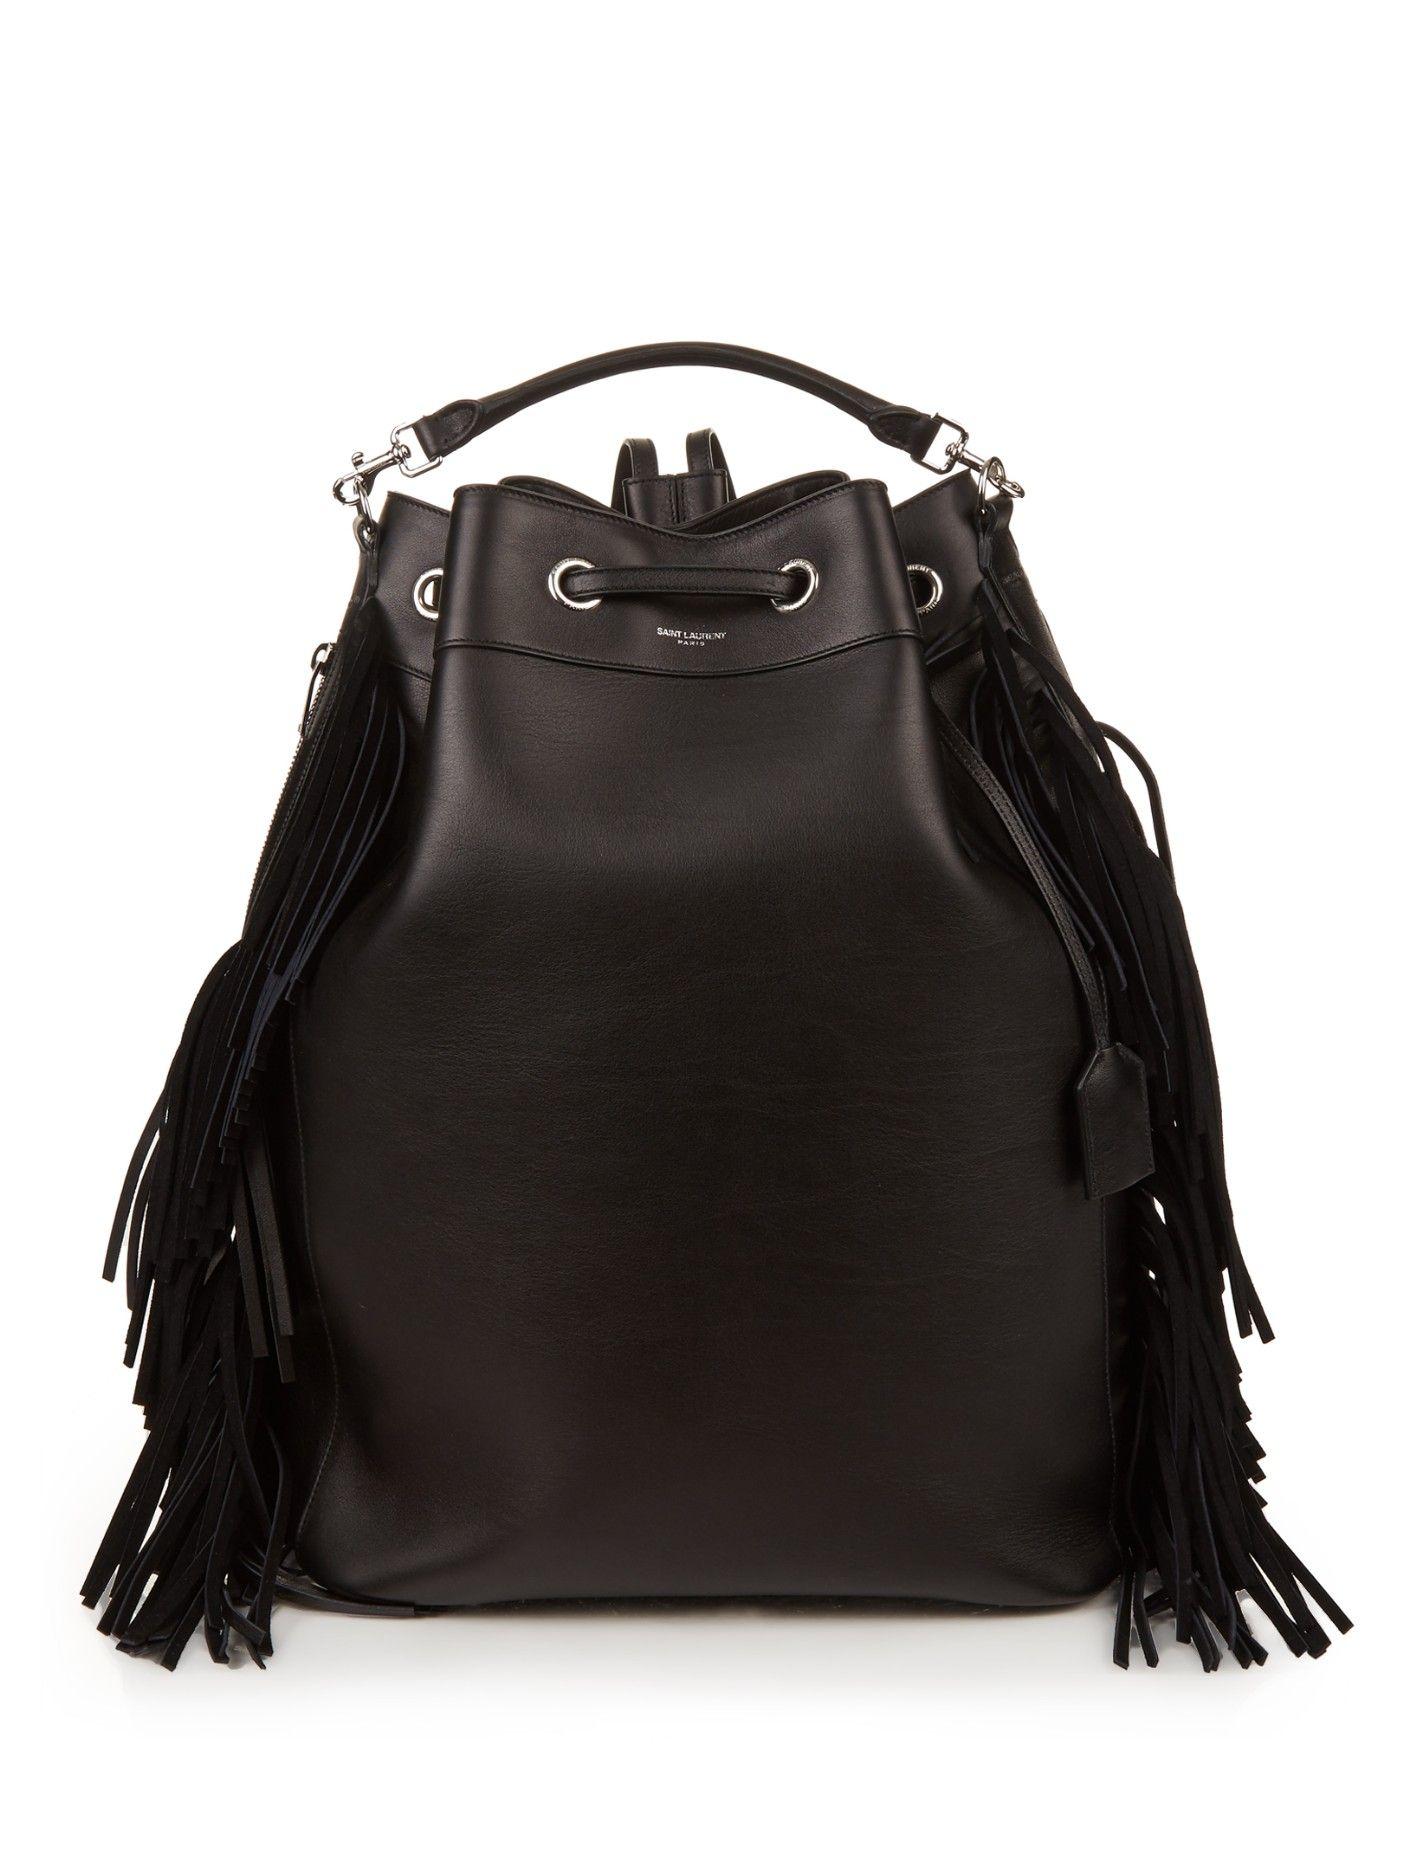 c7cc21d06b3 Emmanuelle fringed leather backpack